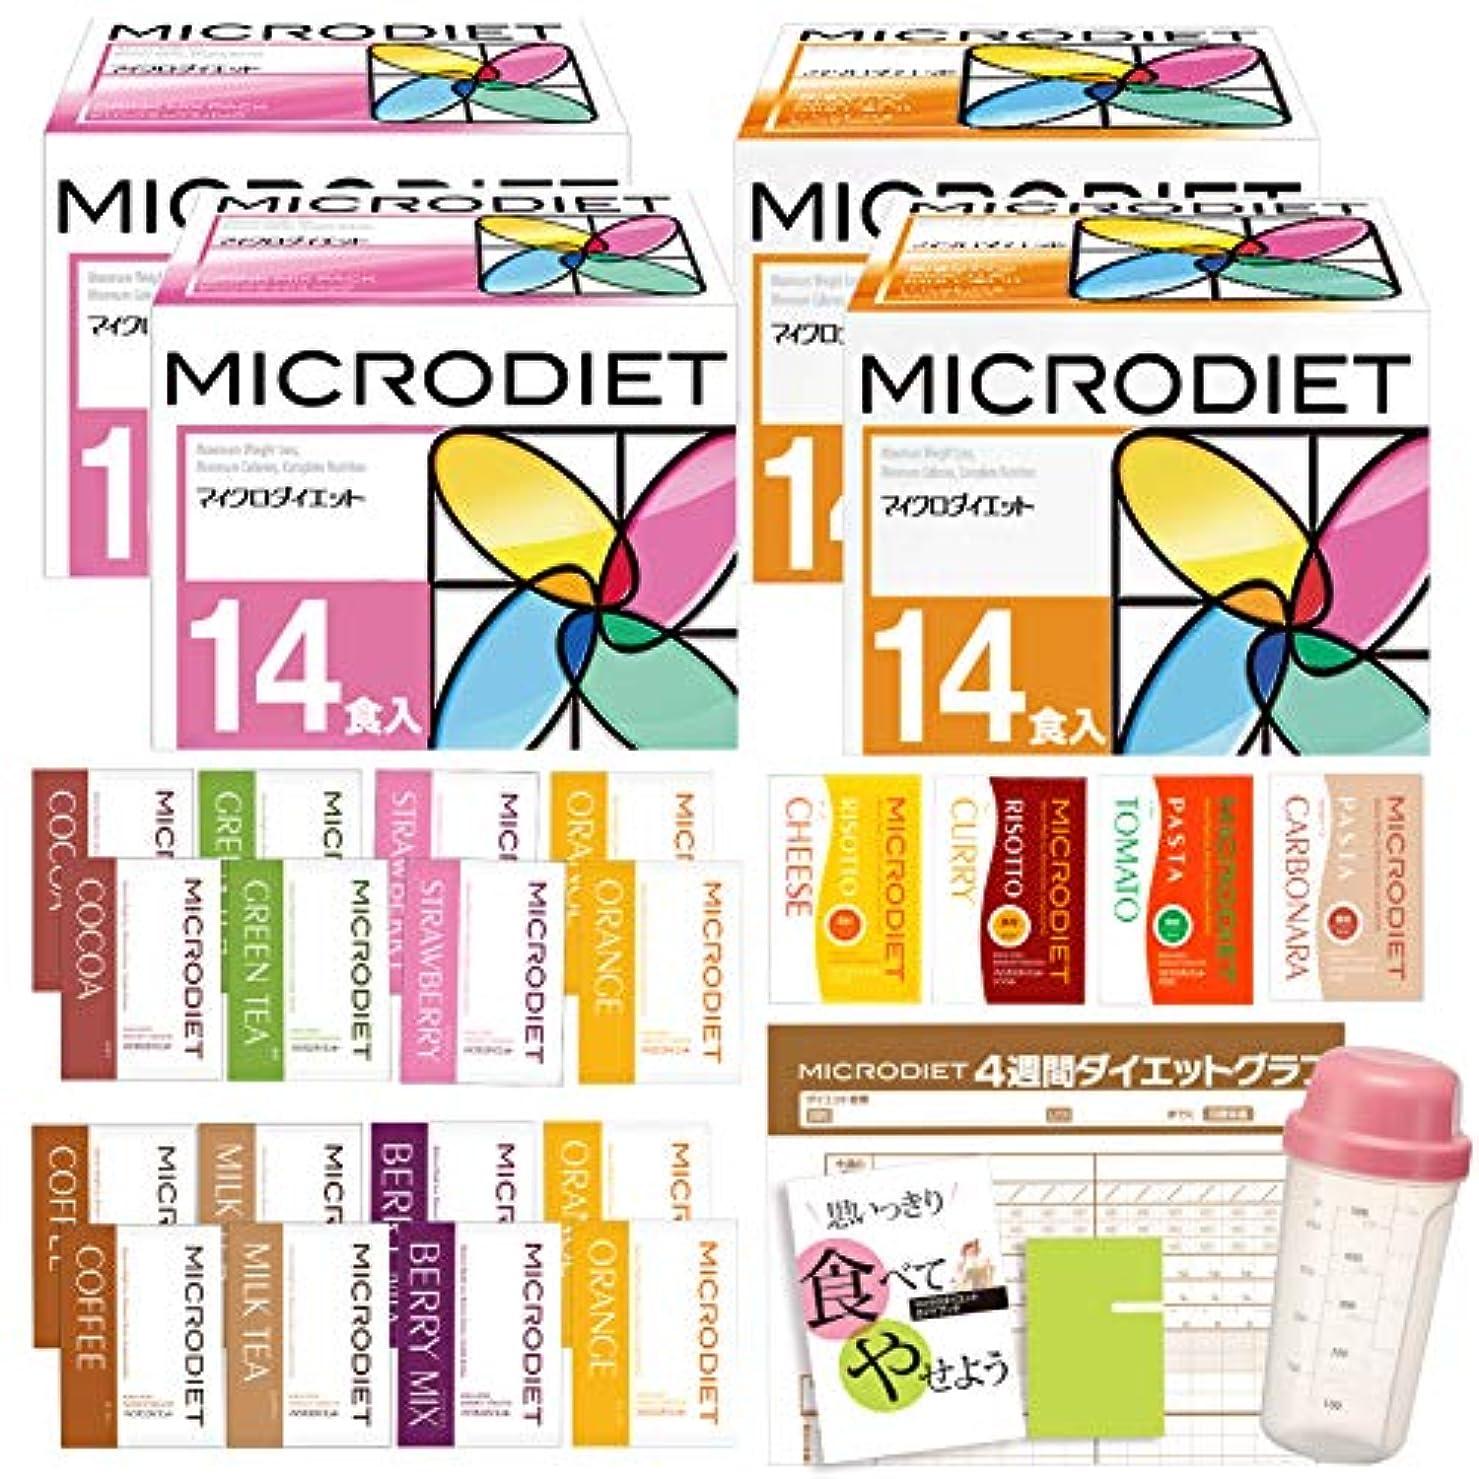 マイクロダイエット4箱+20食セット(ドリンク、リゾット&パスタミックスパック各2箱【06AMA2-0000024】